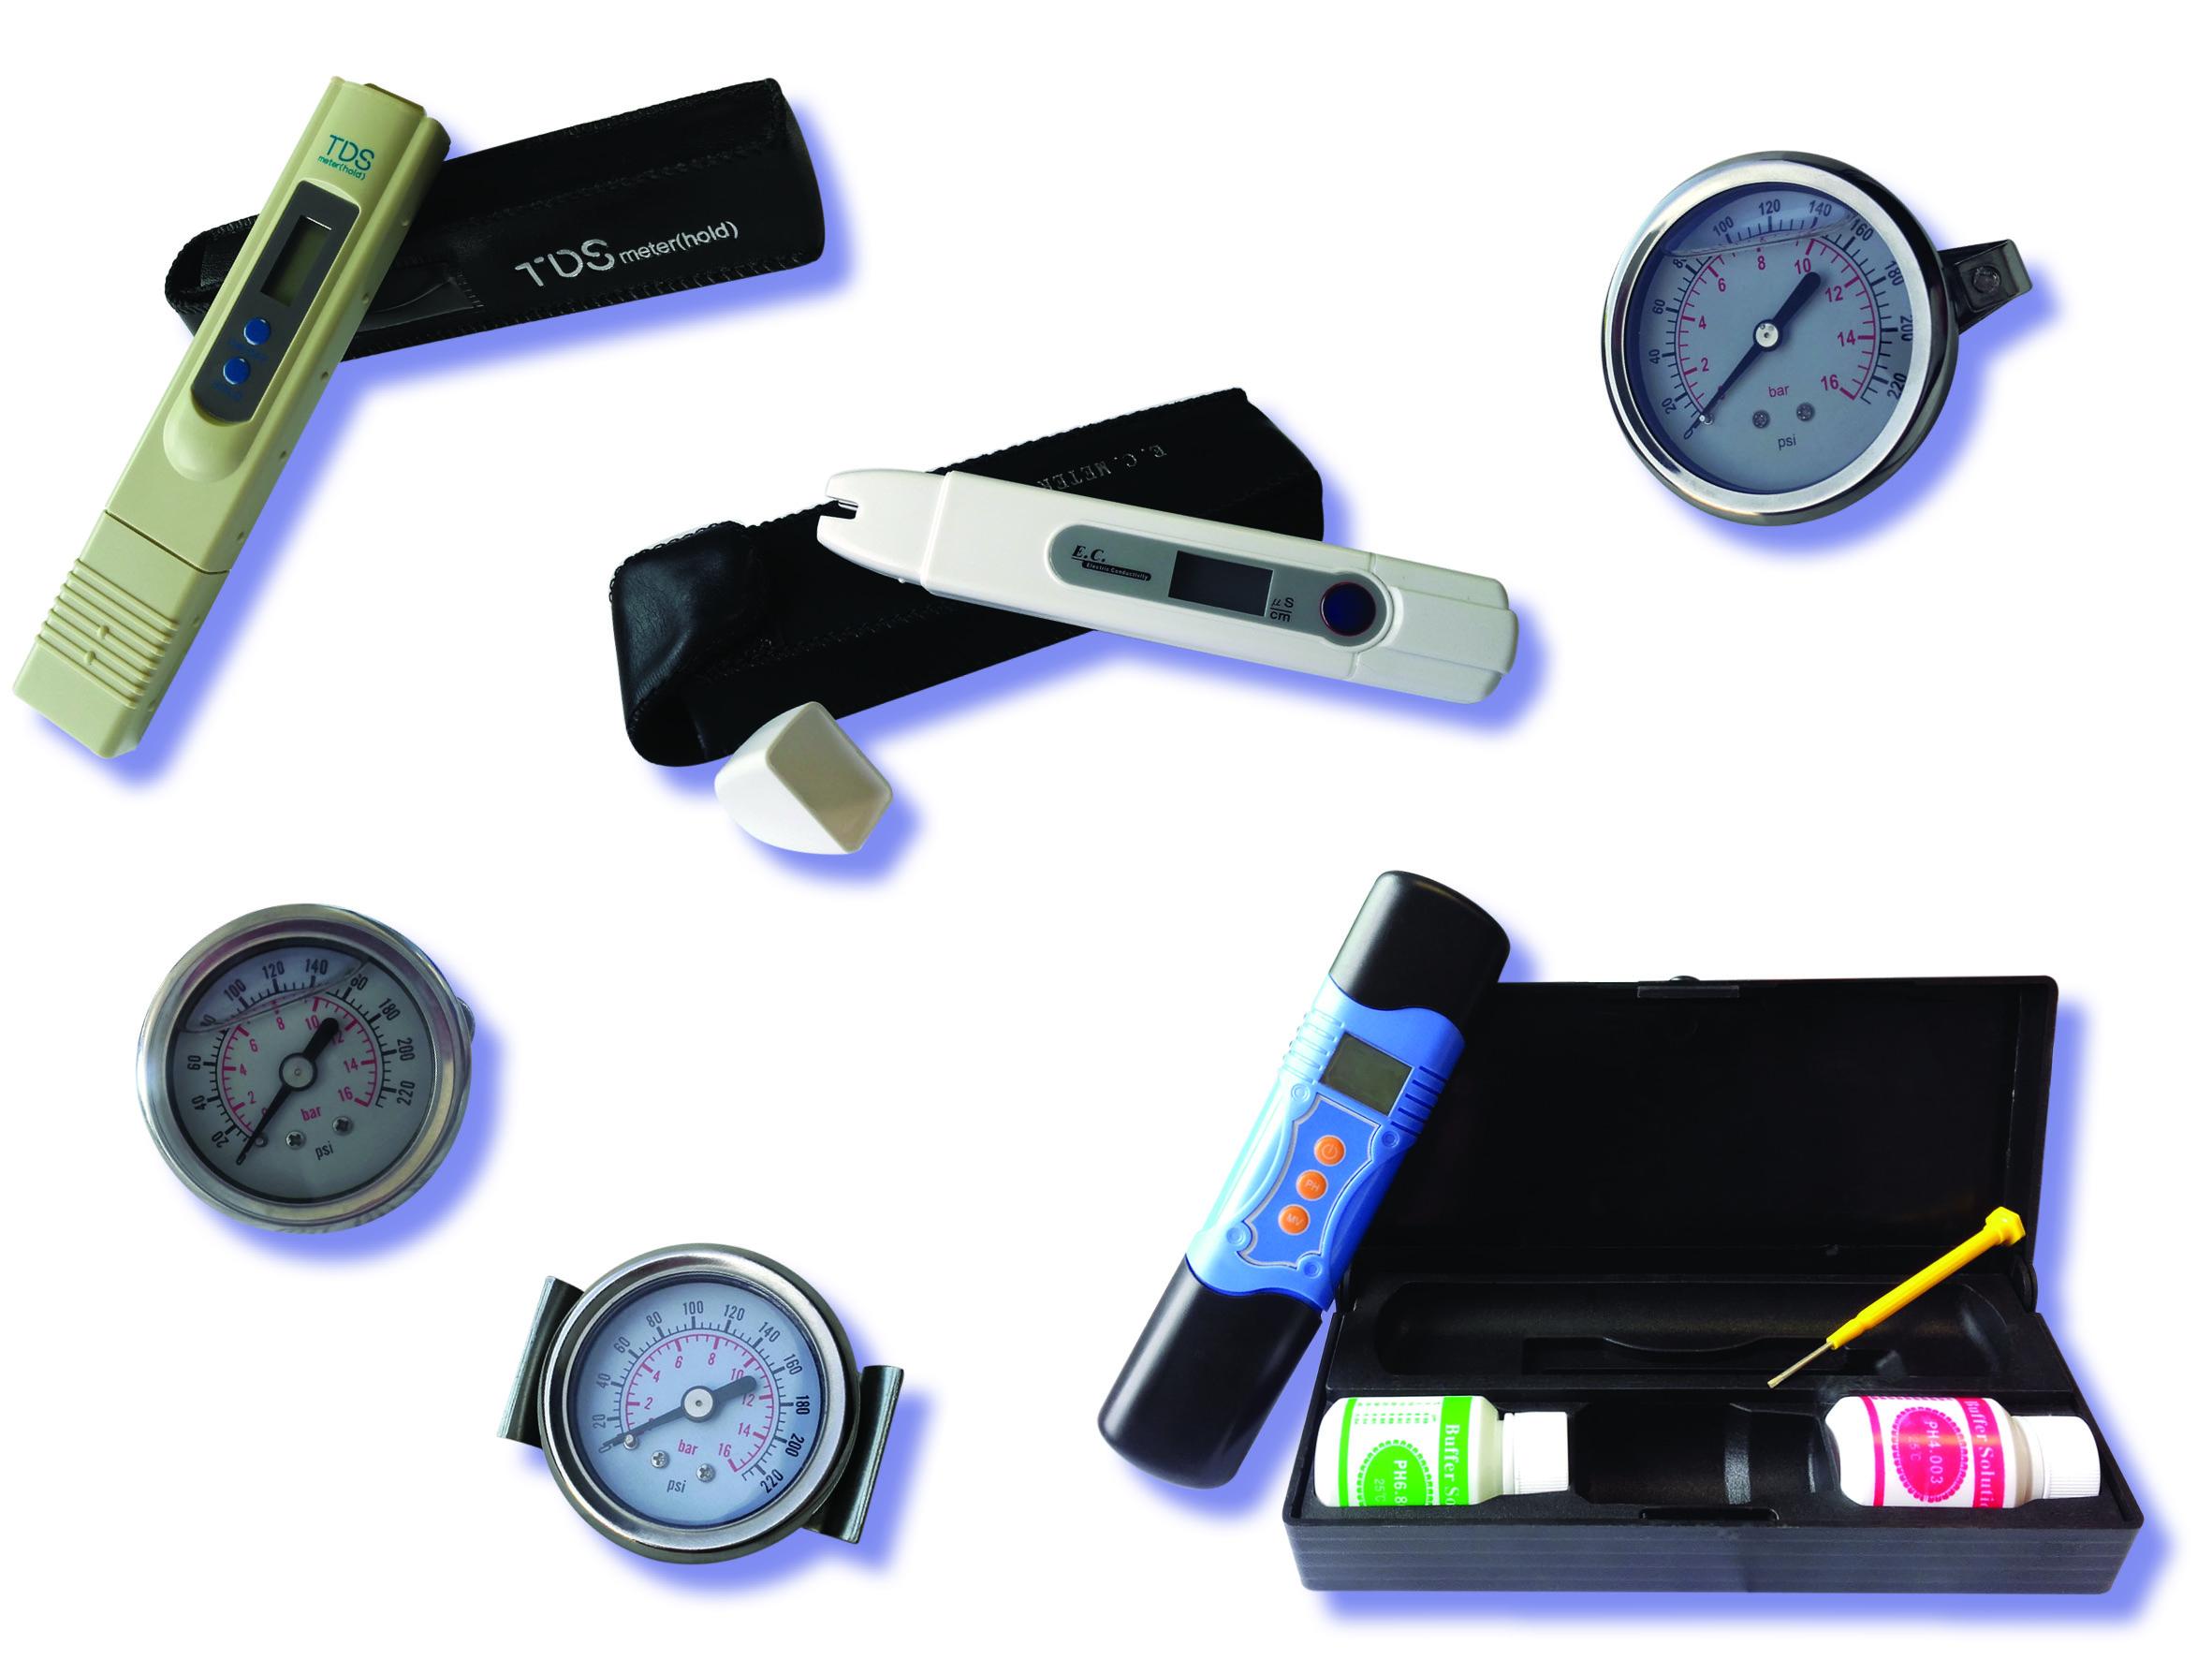 Strumenti misurazioni e analisi